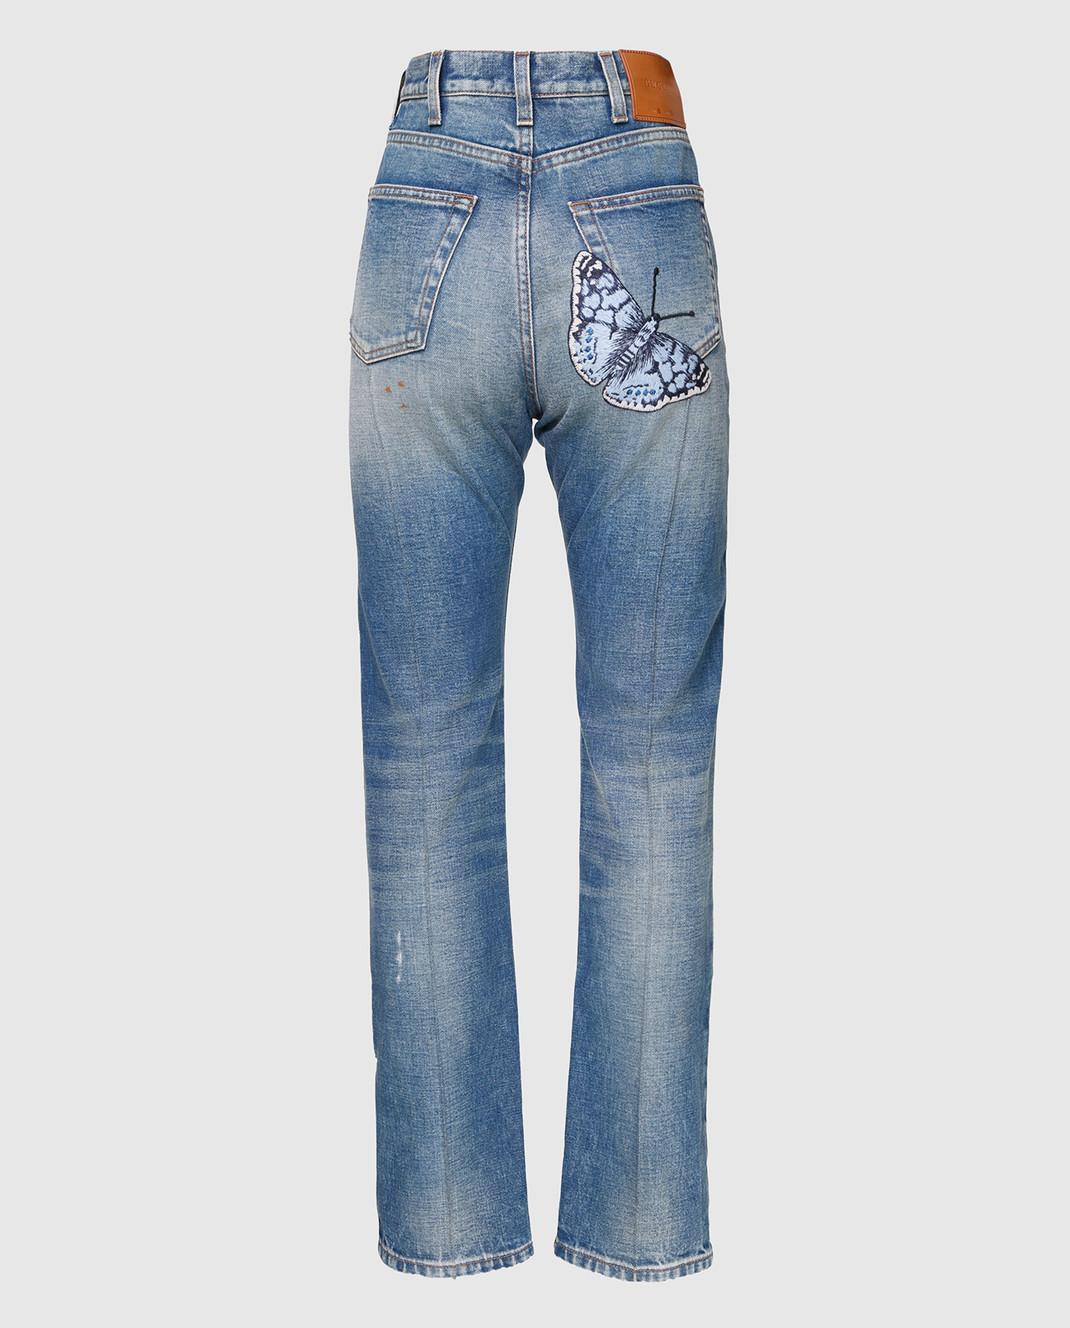 Gucci Синие джинсы с вышивкой 478020 изображение 2